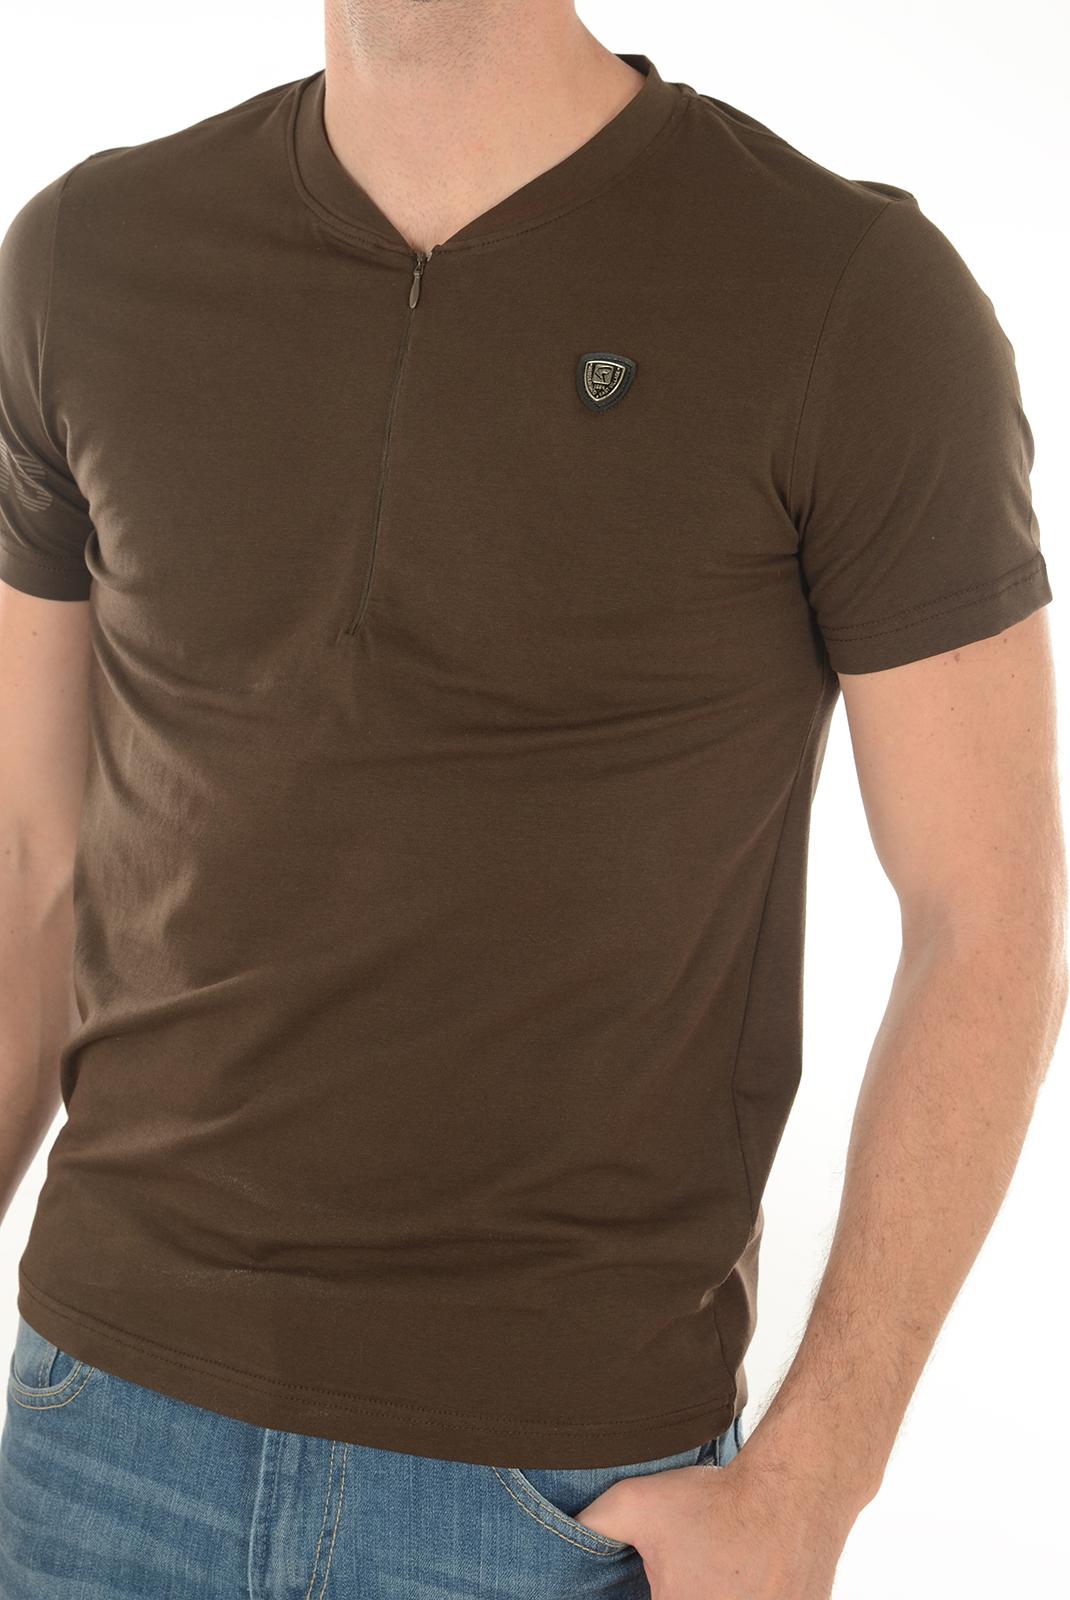 Tee-shirts  Redskins NABOO WARNER CHOCOLAT